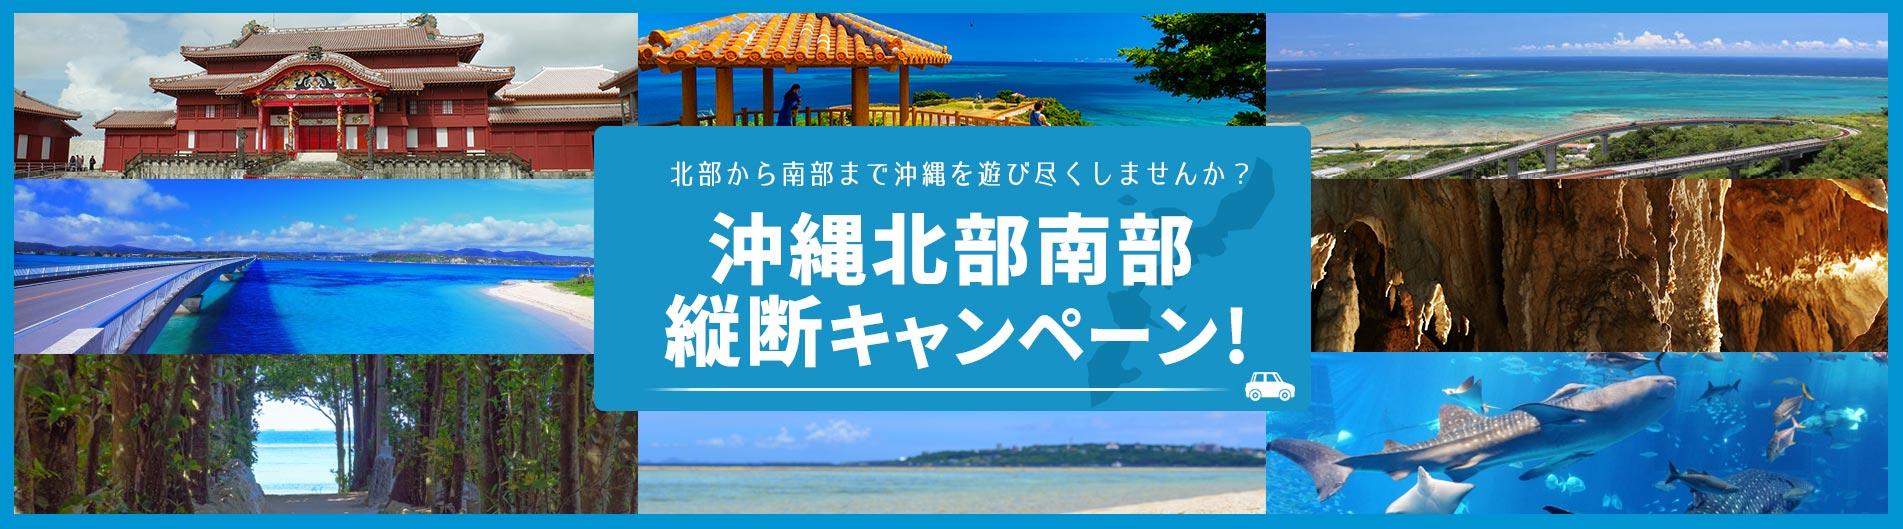 沖縄北部南部縦断キャンペーン